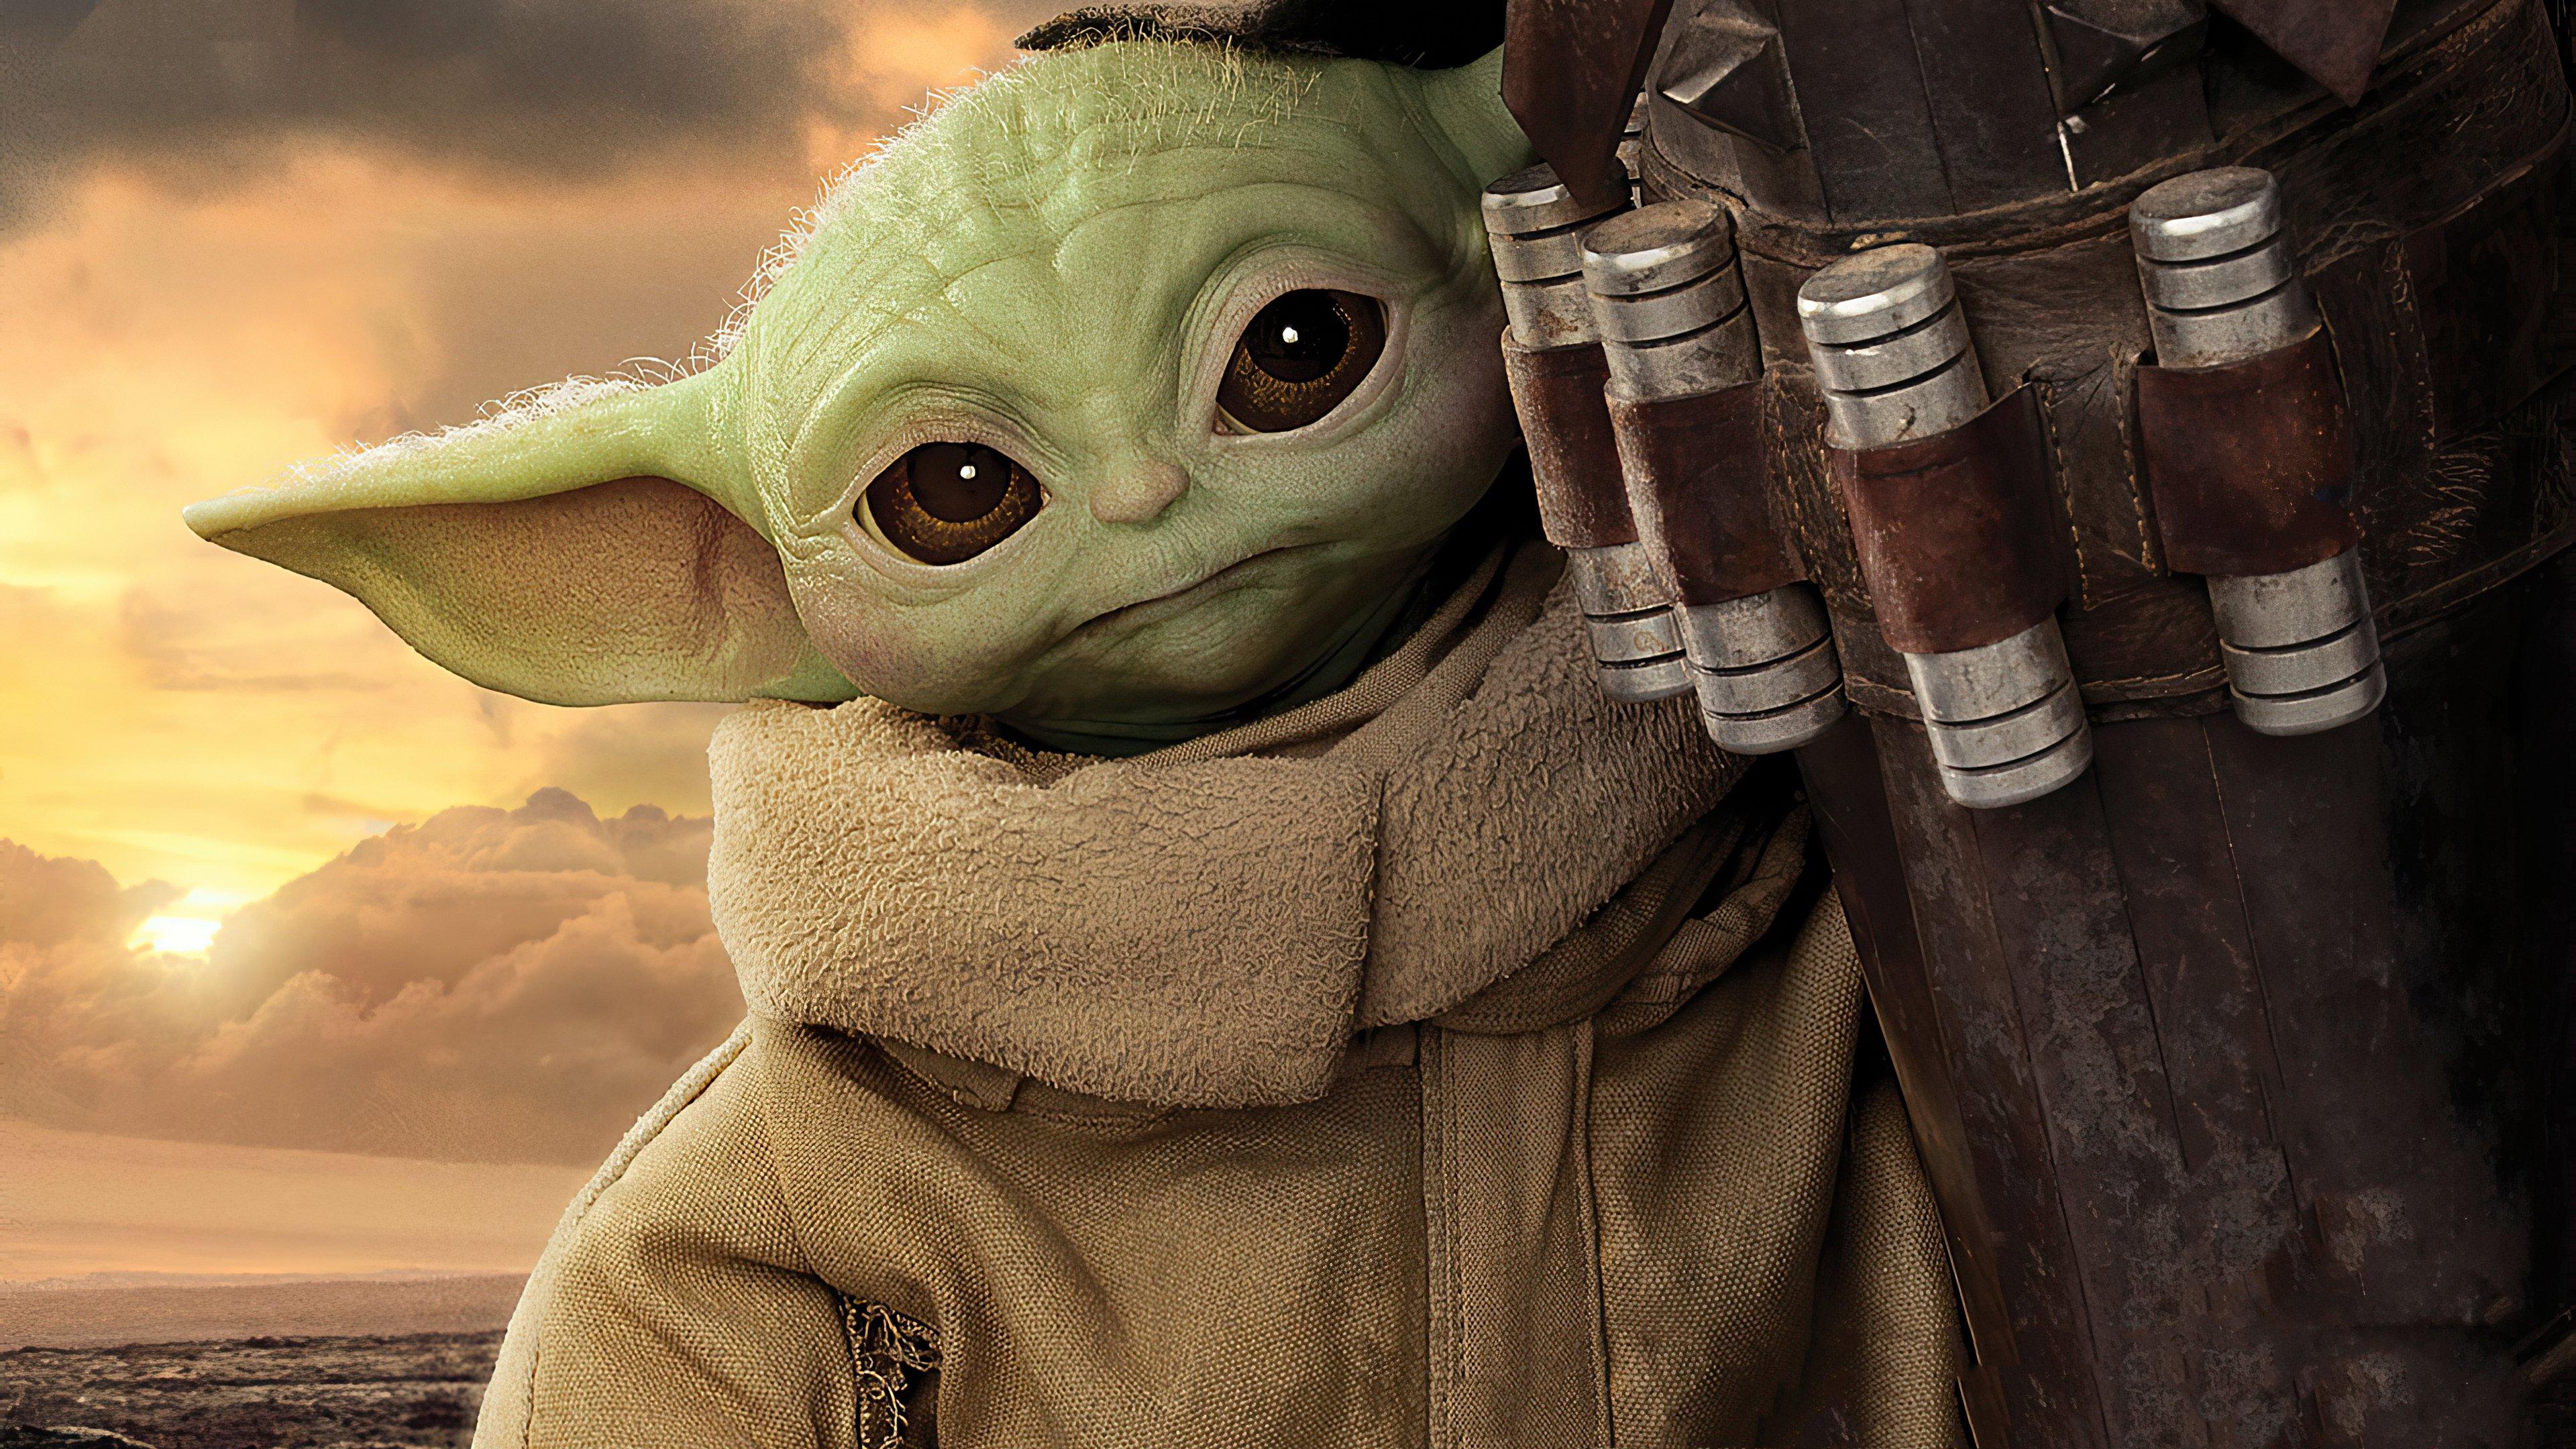 Fondos de pantalla Yoda bebé en El Mandaloriano